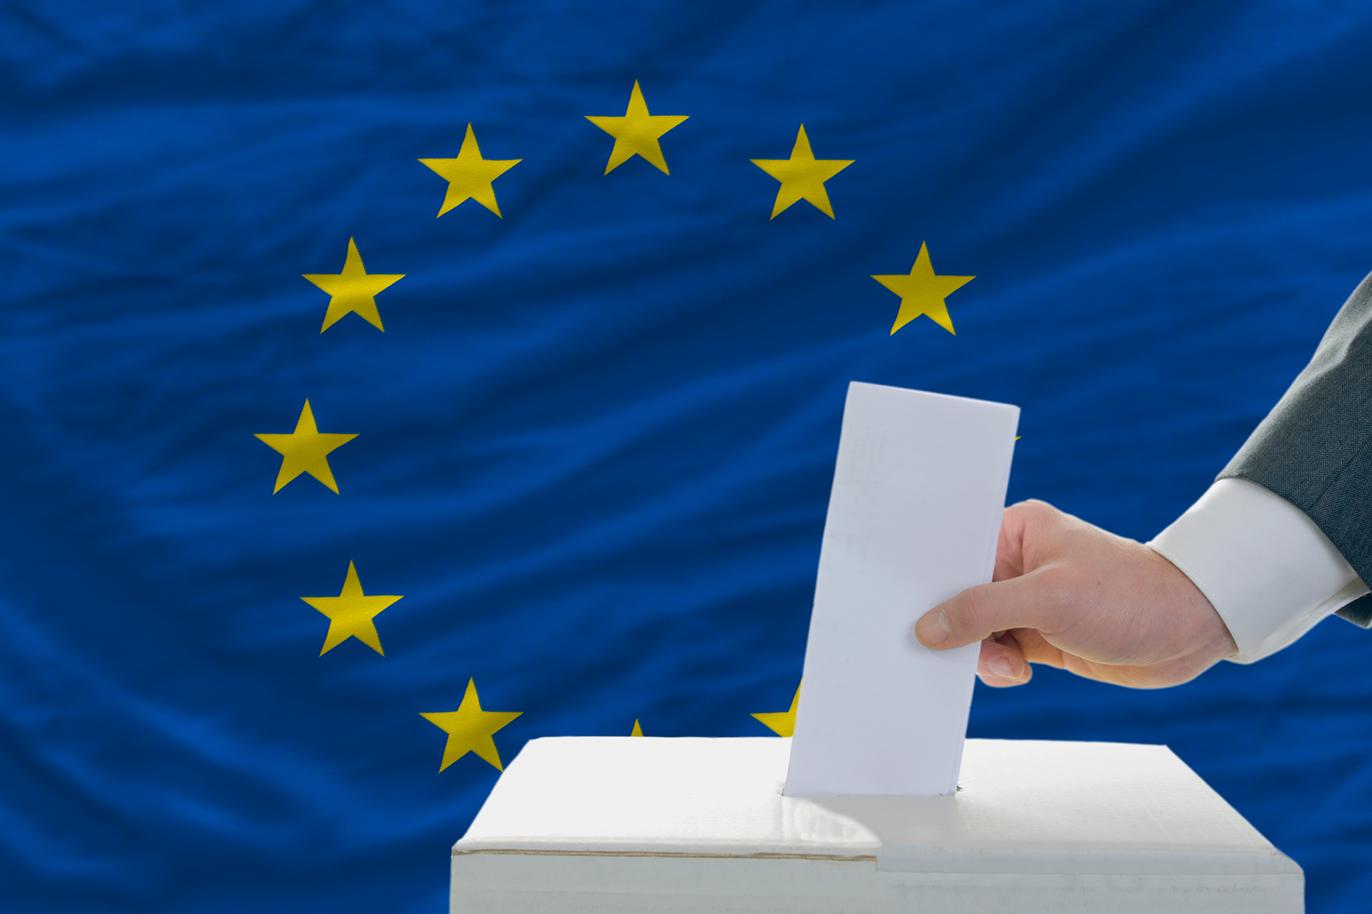 Därför ska du rösta i EU valet. Jag tänkte försöka skriva ett någorlunda kort inlägg om EU och vad det innebär för Sverige. För som många av er vet så är det EU val just nu och tro det eller ej men allt som beslutas i EU påverkar Sverige enormt mycket. Därför ska du rösta i EU valet? Något som många inte vet är att allt som beslutas i EU påverkar Sverige enormt. Därför är det viktigt att just DU röstar och tar ställning. De lagar som EU stiftar är av två typer, förordningar respektive direktiv. De gäller i Sverige även om den svenska regeringen röstat emot dem i ministerrådet. Förordningar gäller som lag direkt. Direktiv innehåller i stället mål för lagstiftningen. Hur de ska uppnås avgör i slutänden riksdagen. Omkring 60 procent av all lagstiftning som passerar riksdagen har sitt ursprung i EU. Medlemsländerna får inte ha lagar som strider mot EU:s. Om en svensk lag står emot en EU-lag gäller den senare. Det kallas EU-rättens företräde. Därför är det viktigt att du röstar på en kandidat som du tycker driver vettiga frågor. Jag kommer helt klart att lägga min röst på någon av Socialdemokraternas kandidat. Har inte riktigt bestämt mig vem. Har lyssnat på två kandidater och ska läsa med om dom andra. Vad är EU? EU är en sammanslutning av 28 länder i Europa. Det övergripande målet är att främja freden, unionens värden (frihet, demokrati och jämlikhet) och folkets välfärd. Det finns fri rörlighet inom EU, vilket gör att det ska vara enkelt att handla, resa och flytta mellan EU-länderna. Det betyder fri rörlighet för personer, varor, tjänster och kapital mellan EU-länderna. Det är val var 5:e år till EU och nästa gång blir det 2024. Du får ett röstkort hem i brevlådan om du är röstberättigad. Vallokalerna står på röstkortet. När kan jag rösta? Söndagen den 26 maj är det val till EU parlamentet men redan nu kan du börja förtidsrösta. Därför ska du inte rösta på SD. Deras stenåldersyn på jämställdhet är helt galen för mig. Att man 2019 lyfter dessa frågor är helt jäkla gal